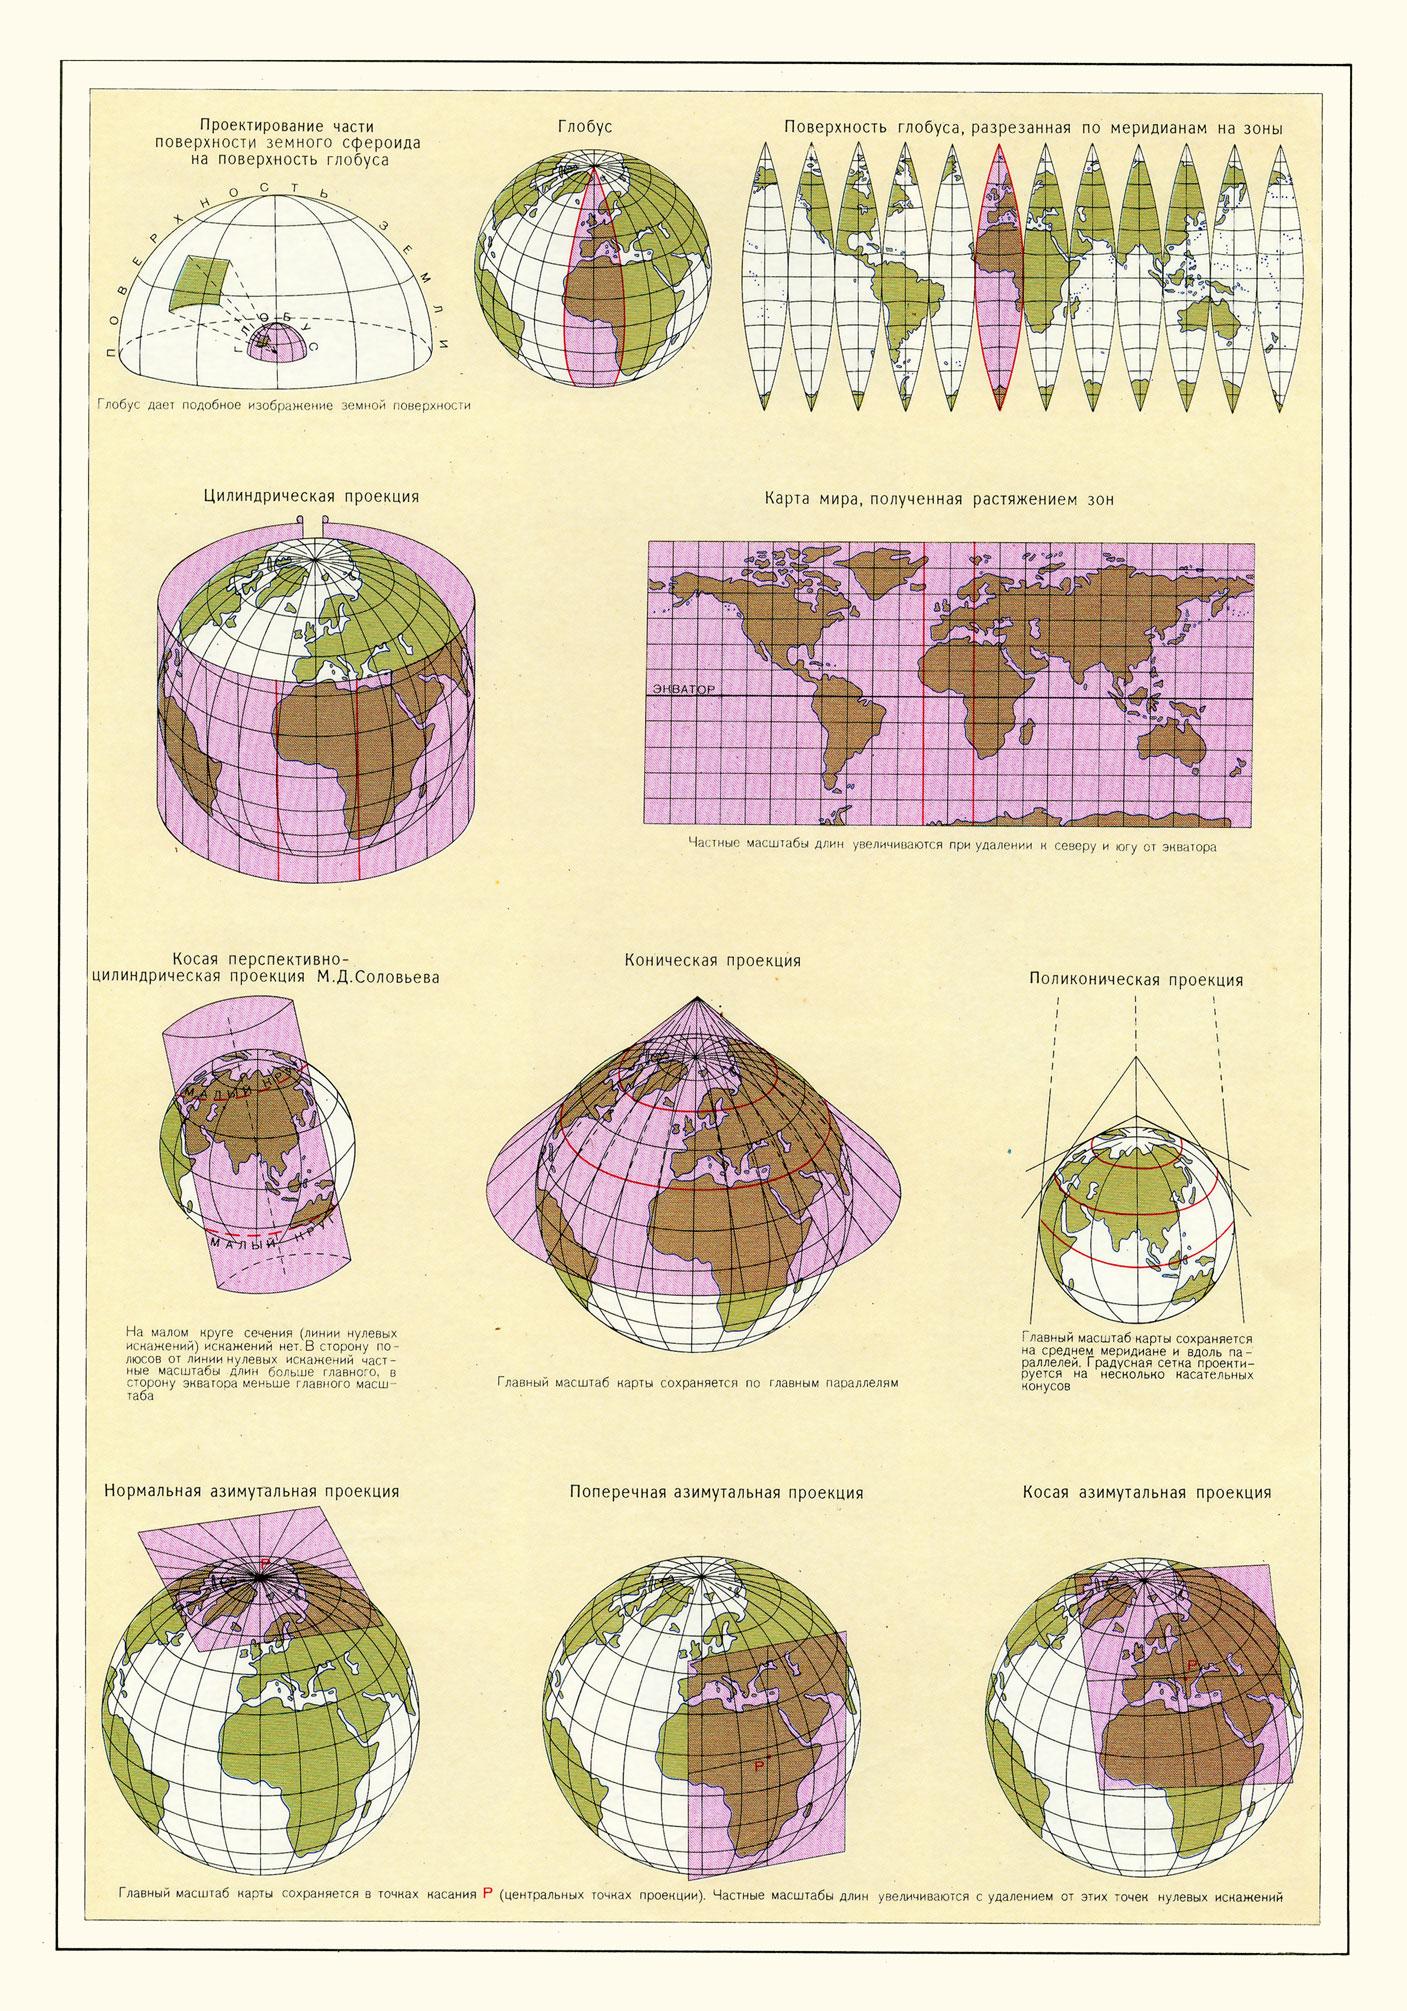 Изображение шаровой поверзности на плоскости (картографические проекции)